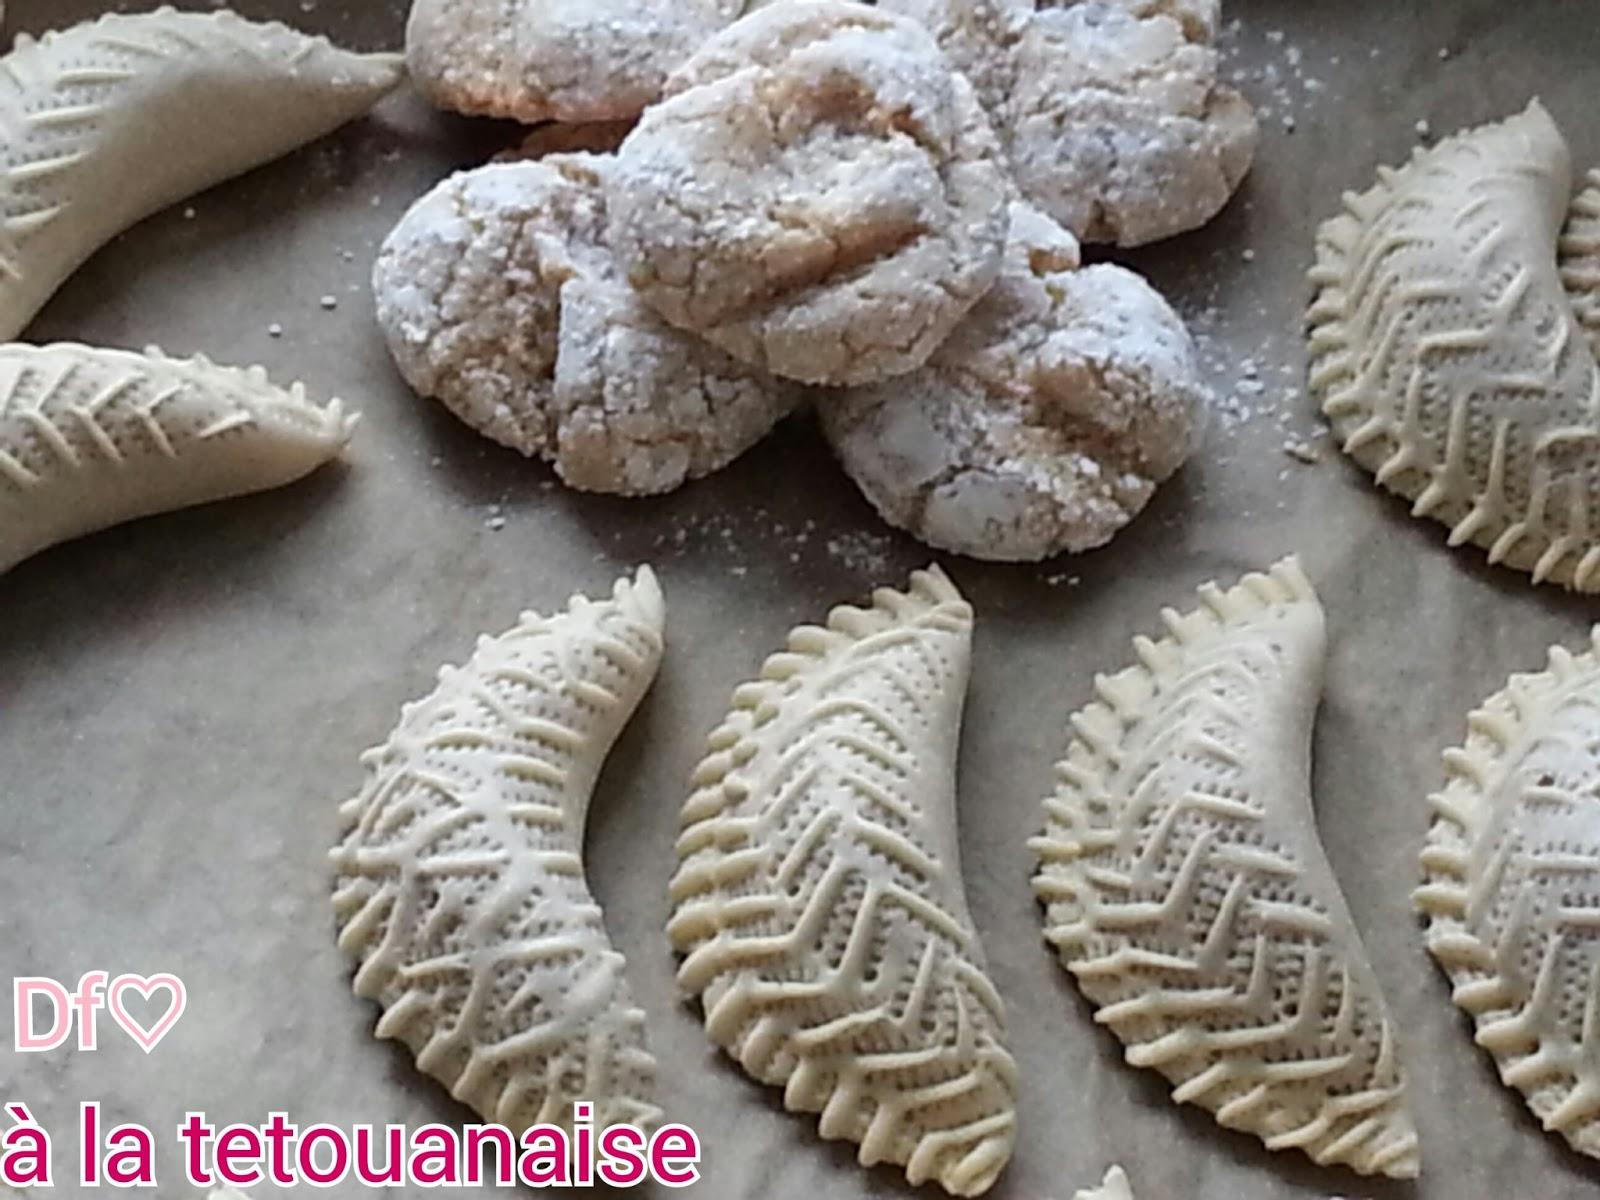 marokkaanse dating The latest tweets from sammy marokkaanse (@pornstar_070): vrijdag aanwezig in het meest populaire privehuis van de regio den haag 11 tot 22 uur andrea claudia dunya kiara lotus manisha michaela nova samira xanthe yasmina.